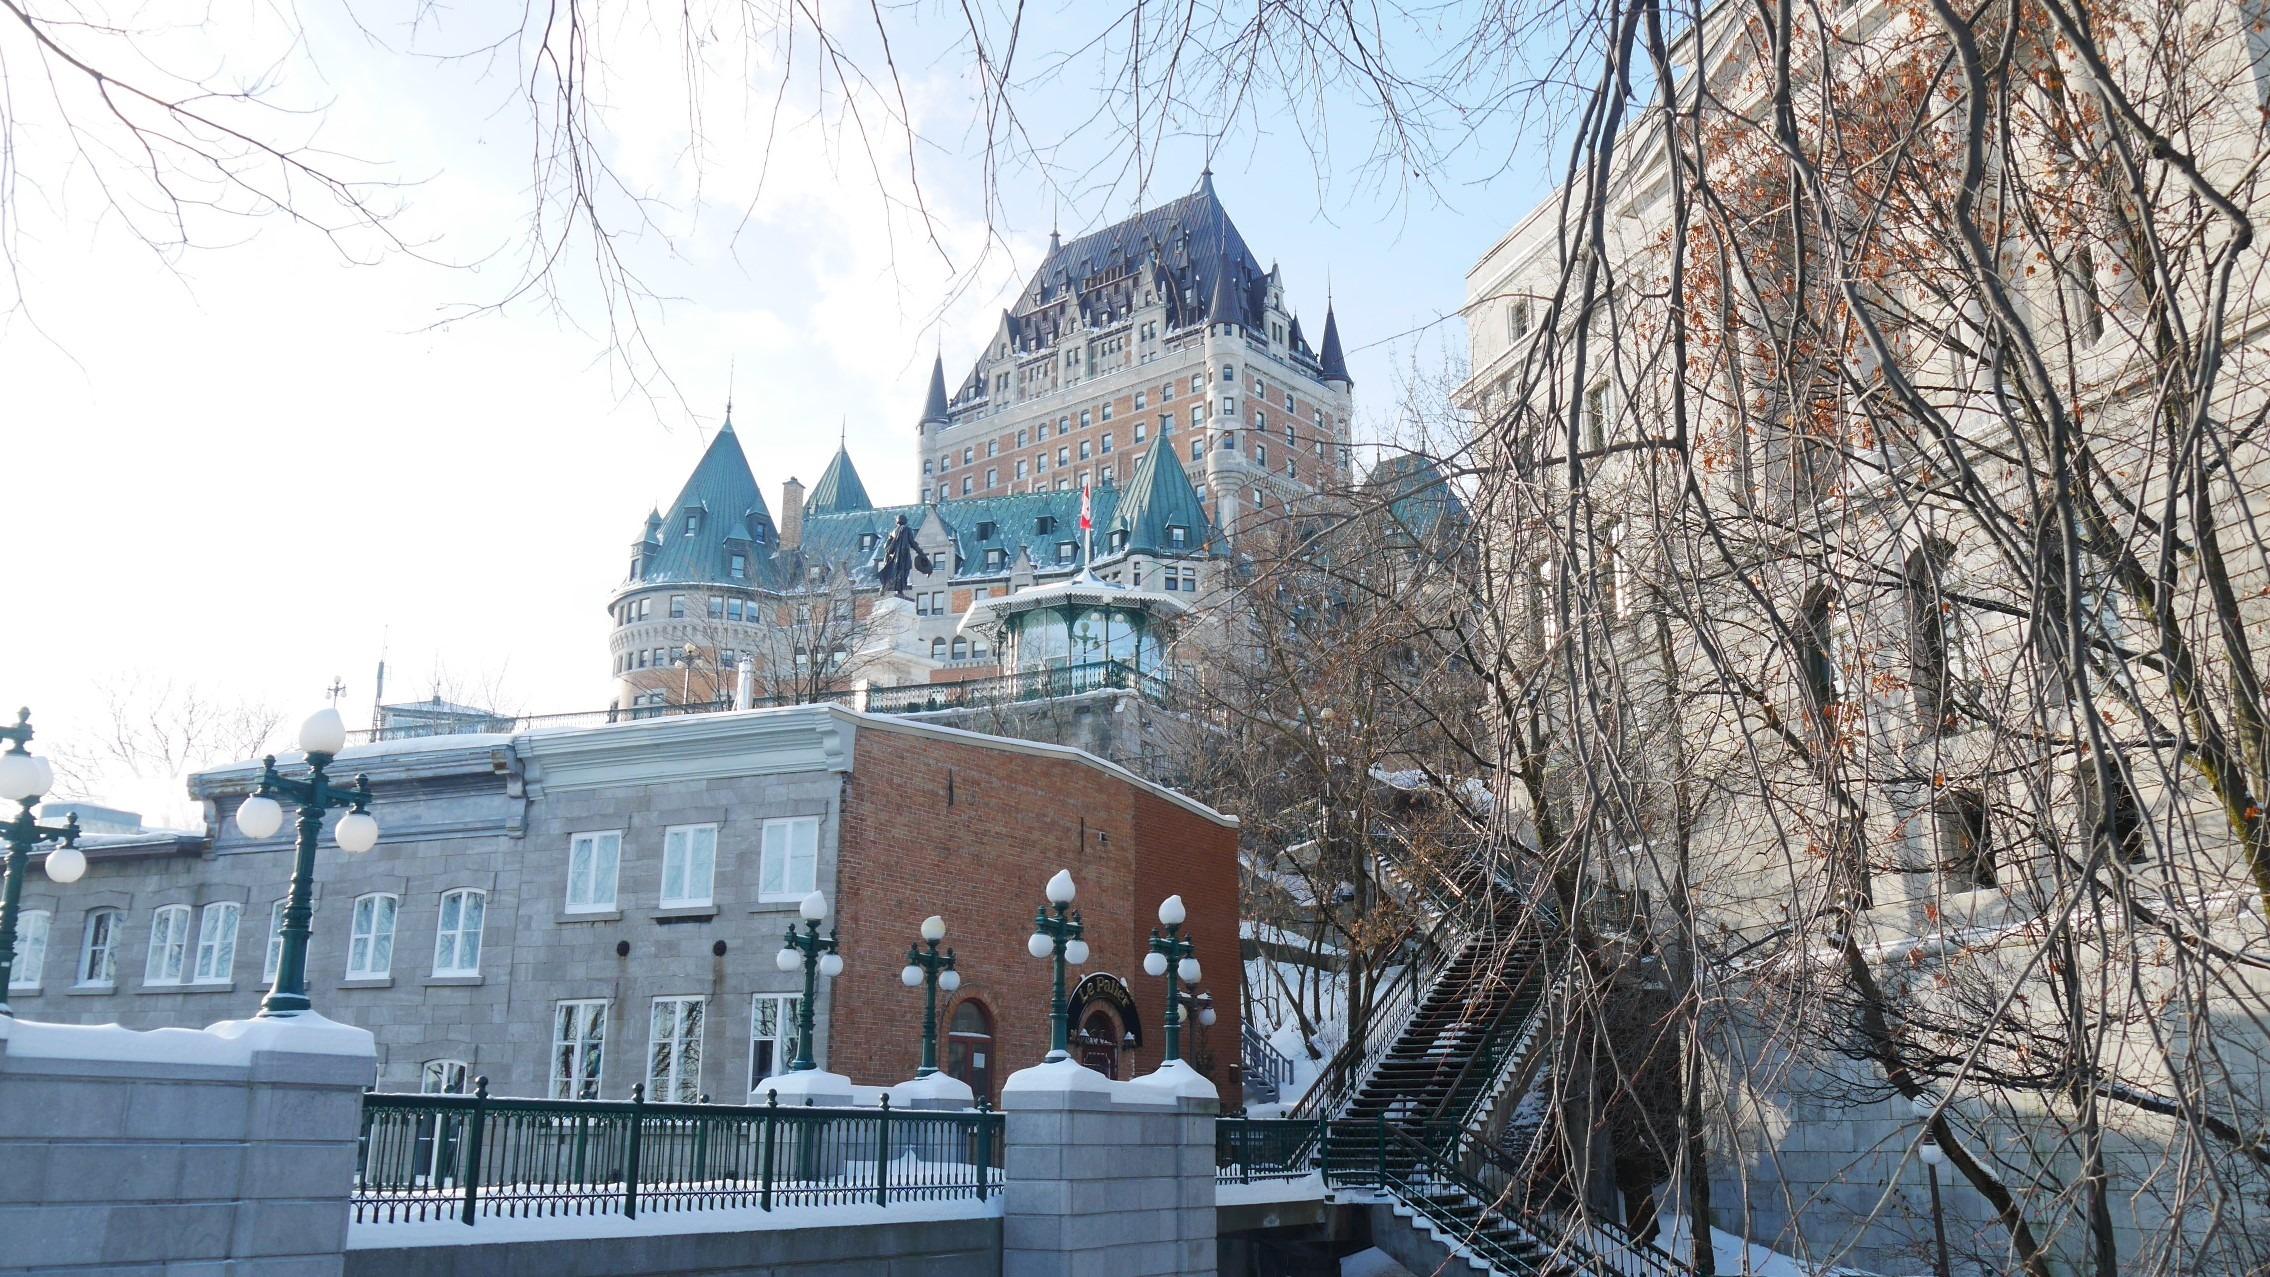 Quebec Noel petit-champlain chateau frontenac que voir blog voyage canada hiver arpenter le chemin